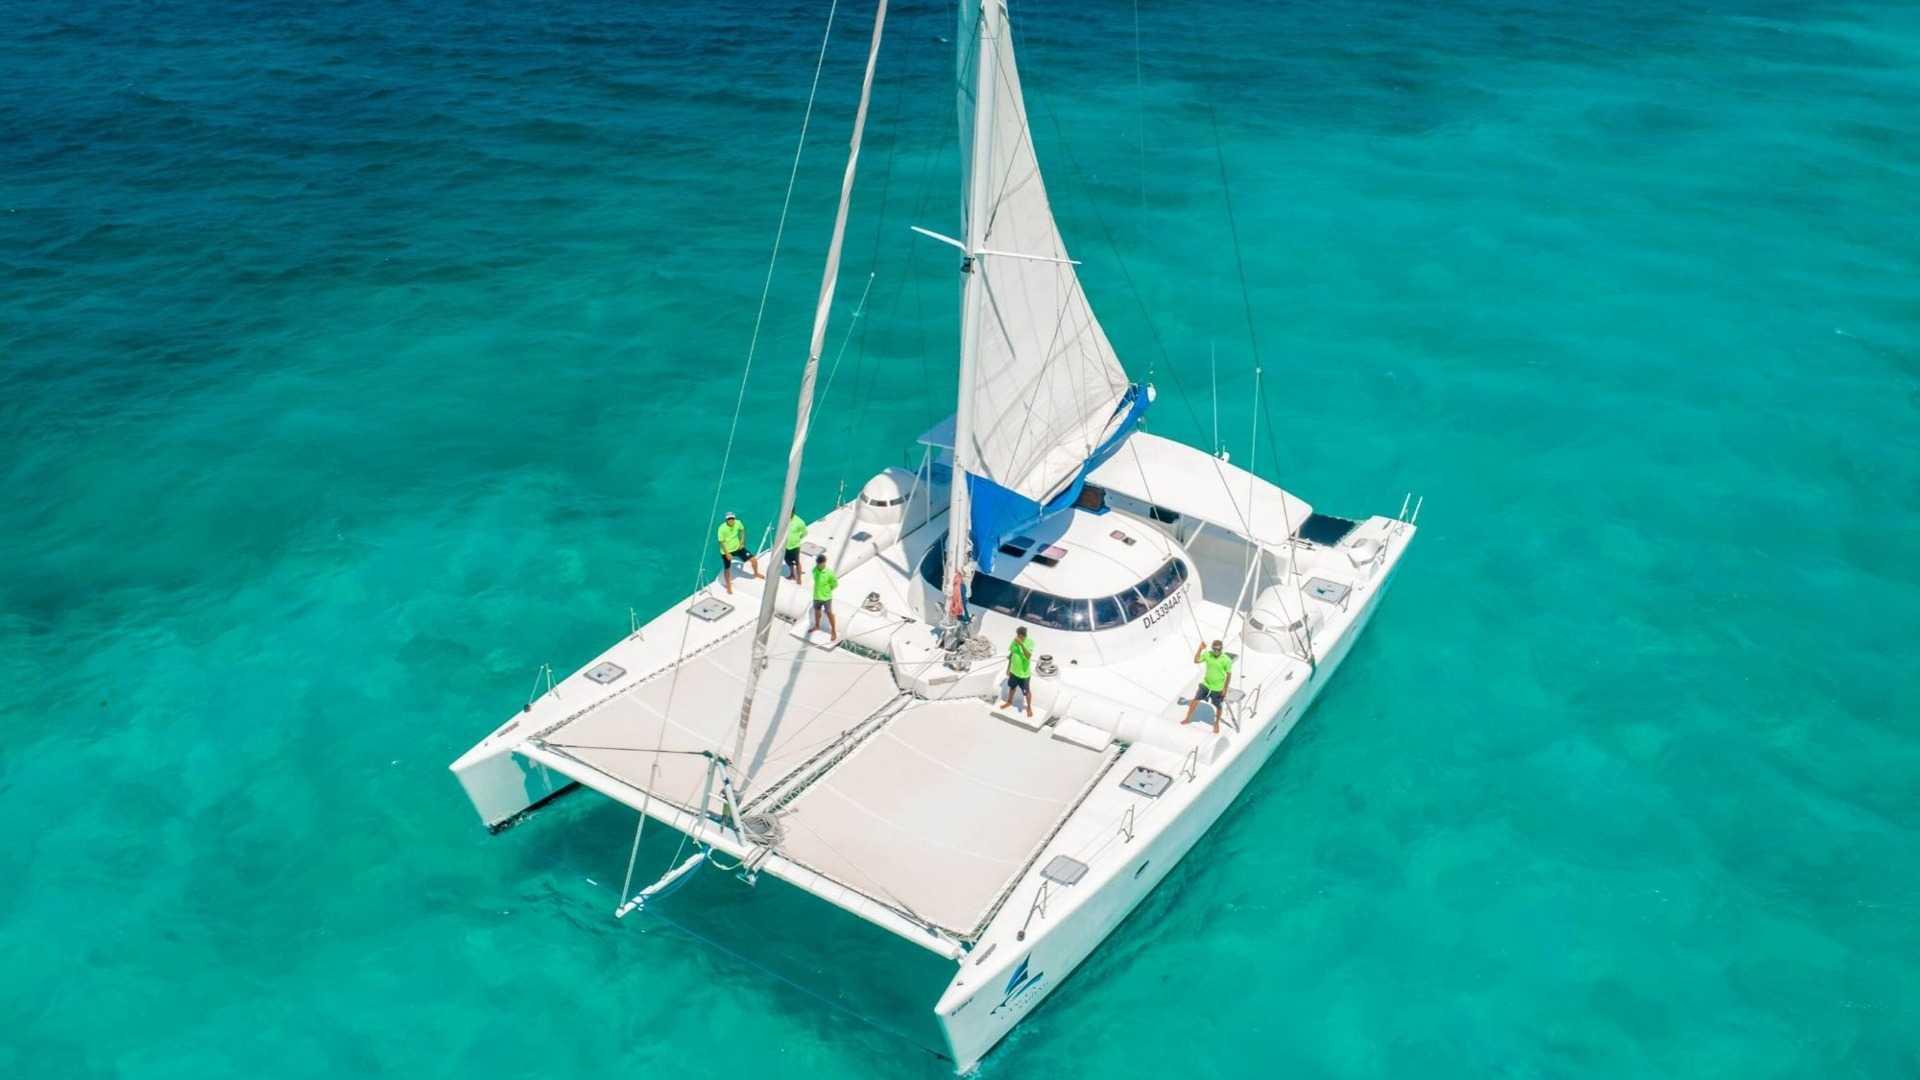 2 - LoRes - Induna - Isla Mujeres Catamaran Tour - Cancun Sailing